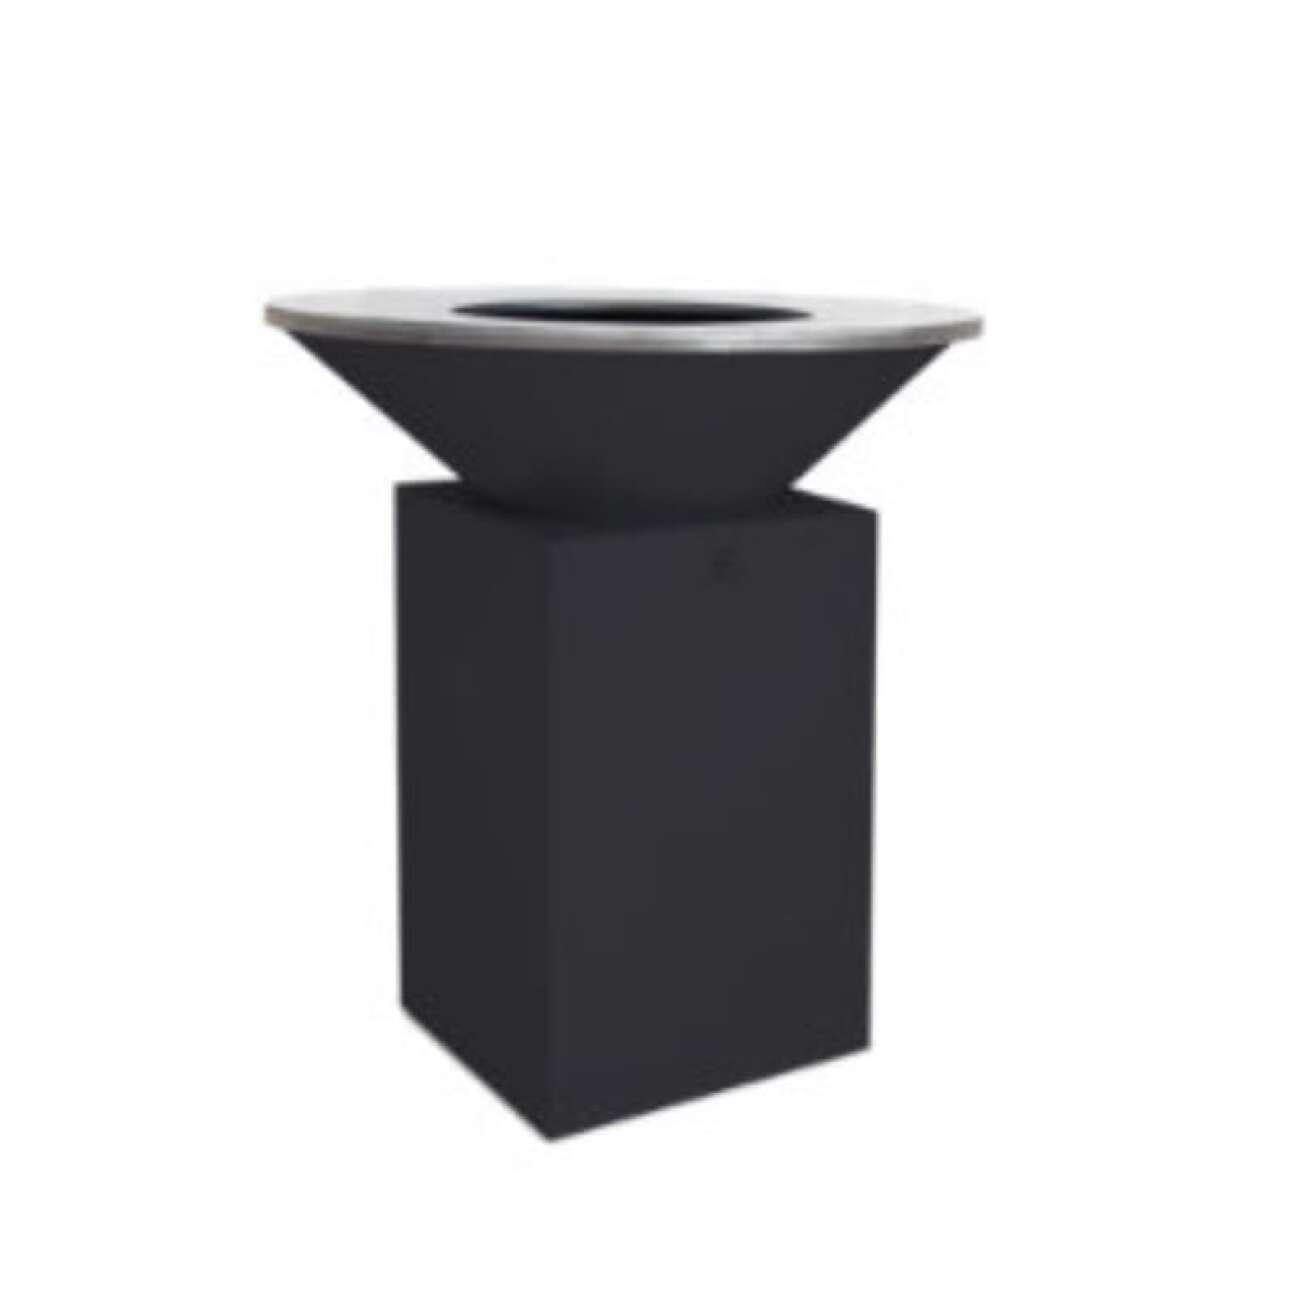 Ofyr Classic Black 85-100 Hagemøbler og utemøbler - Fine design